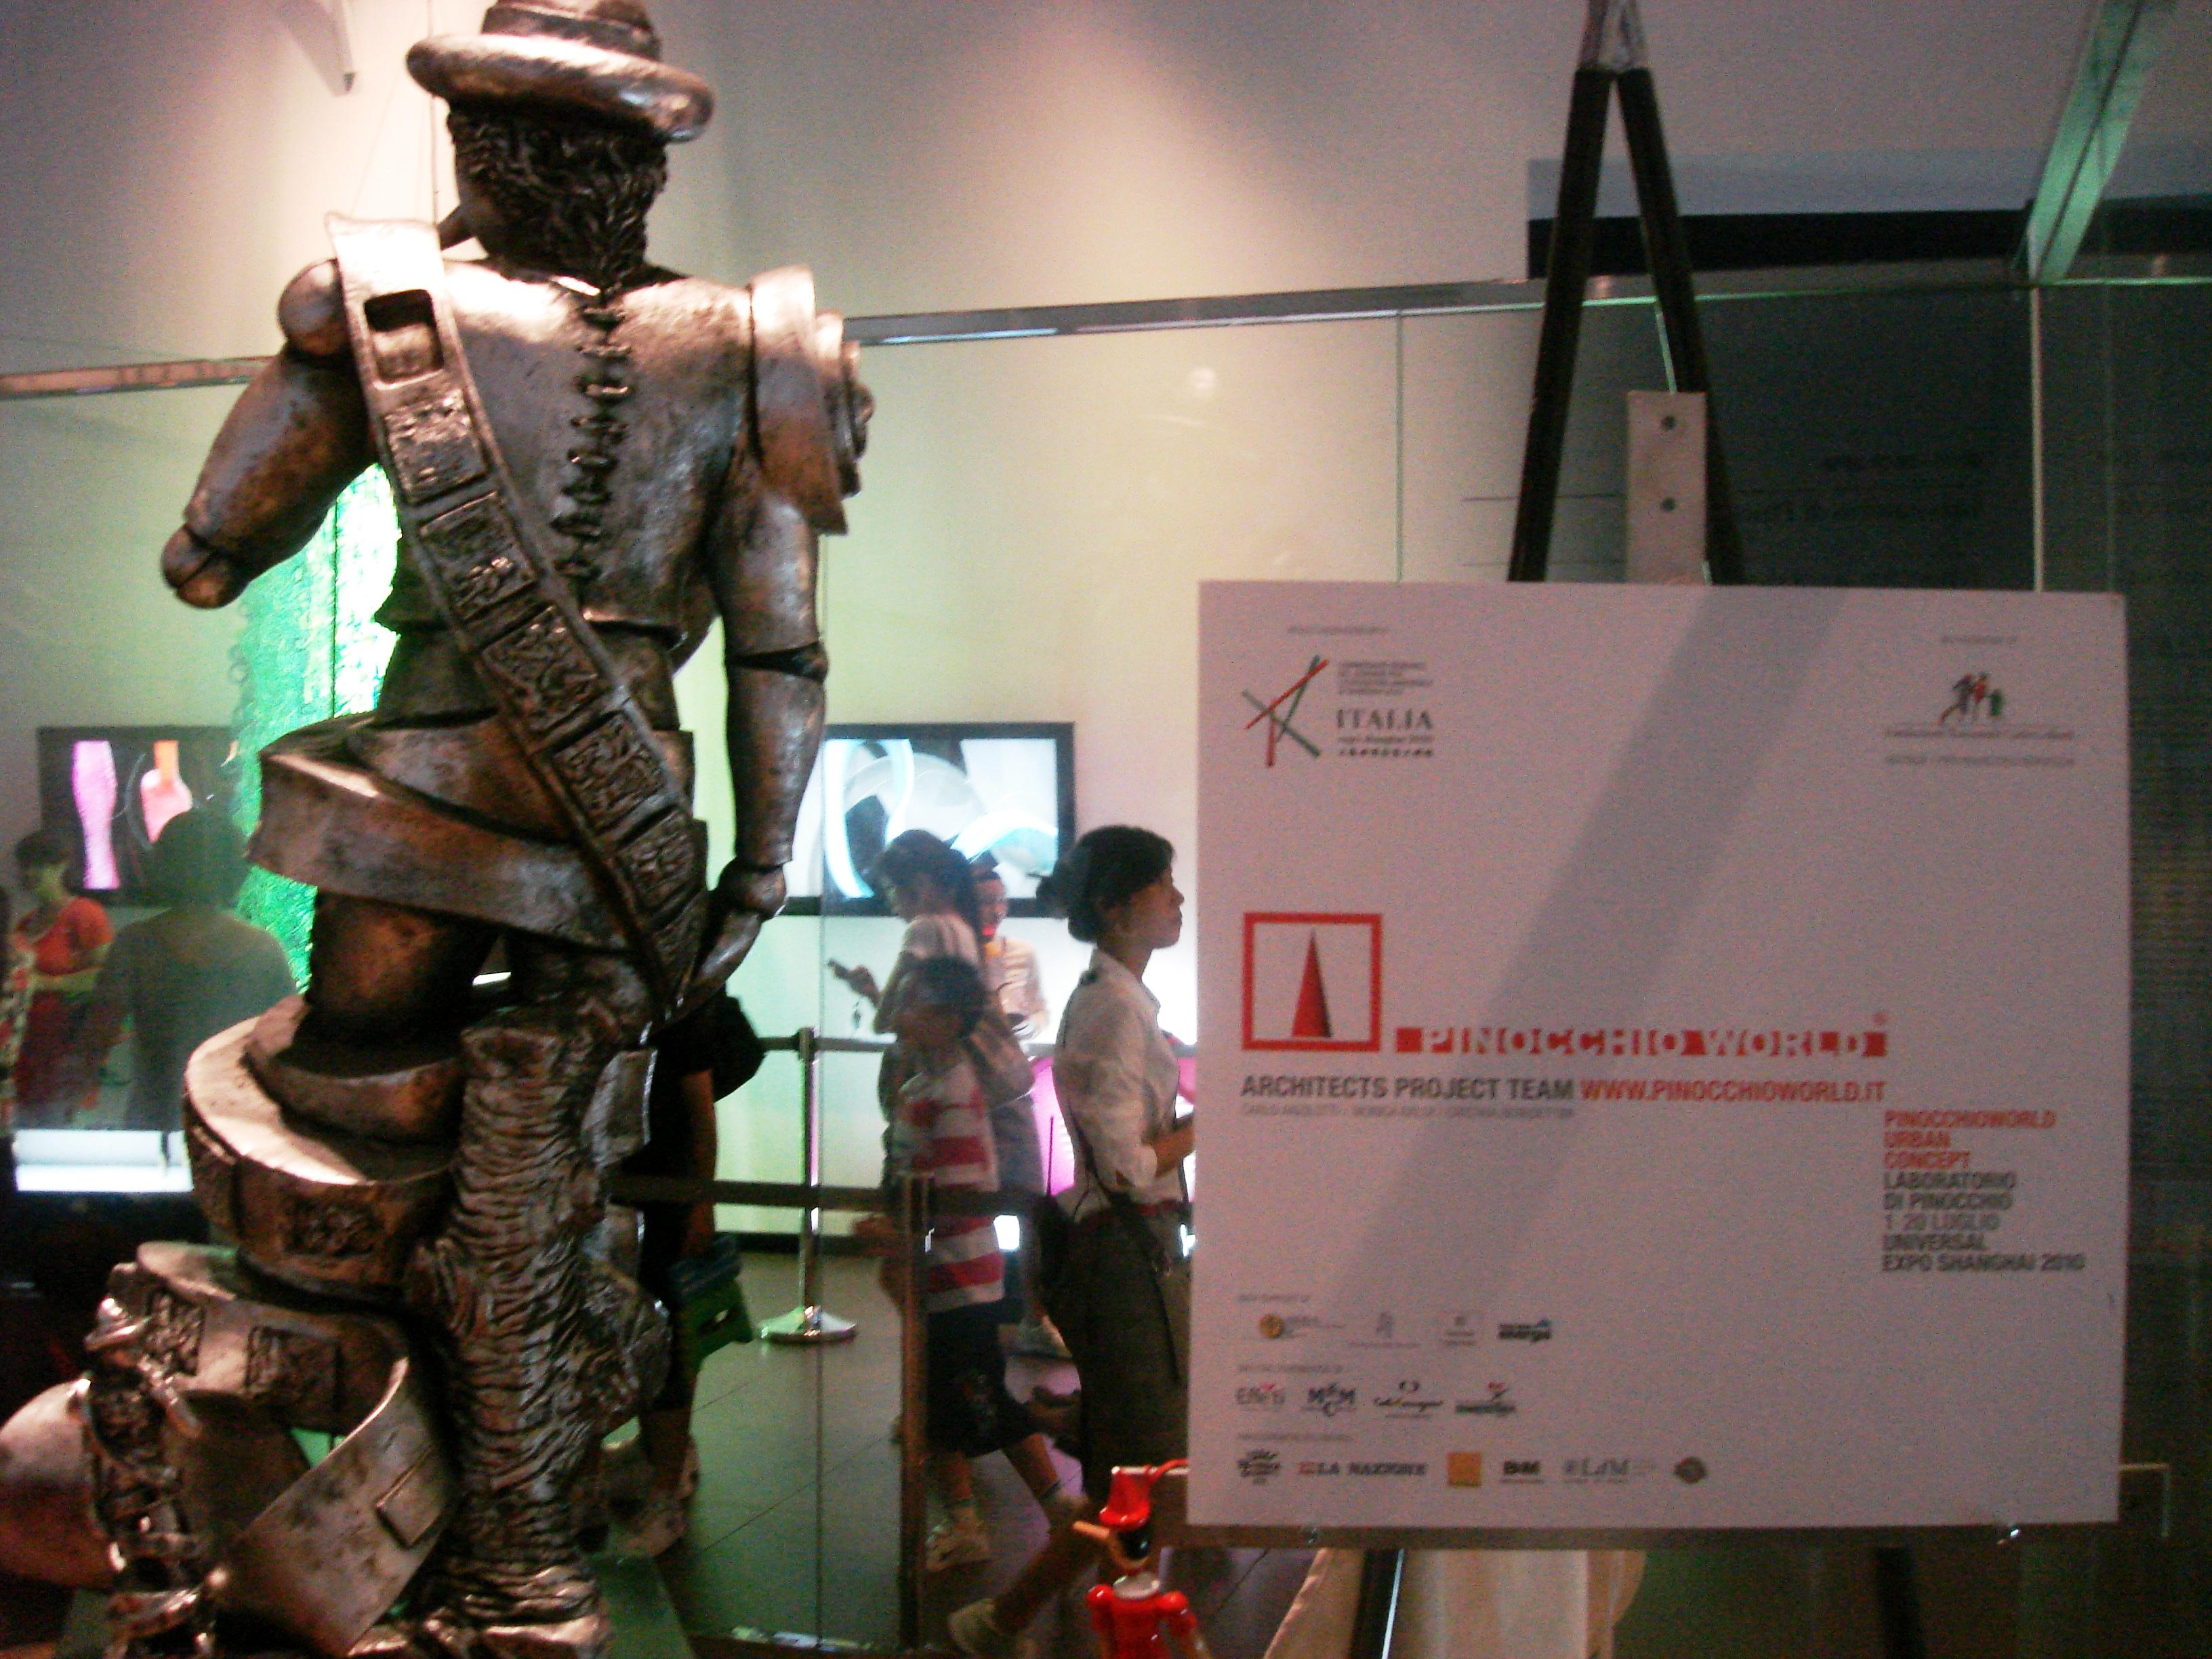 Expo Universale Shangai 2010, laboratorio di Pinocchio in Pinocchioworld